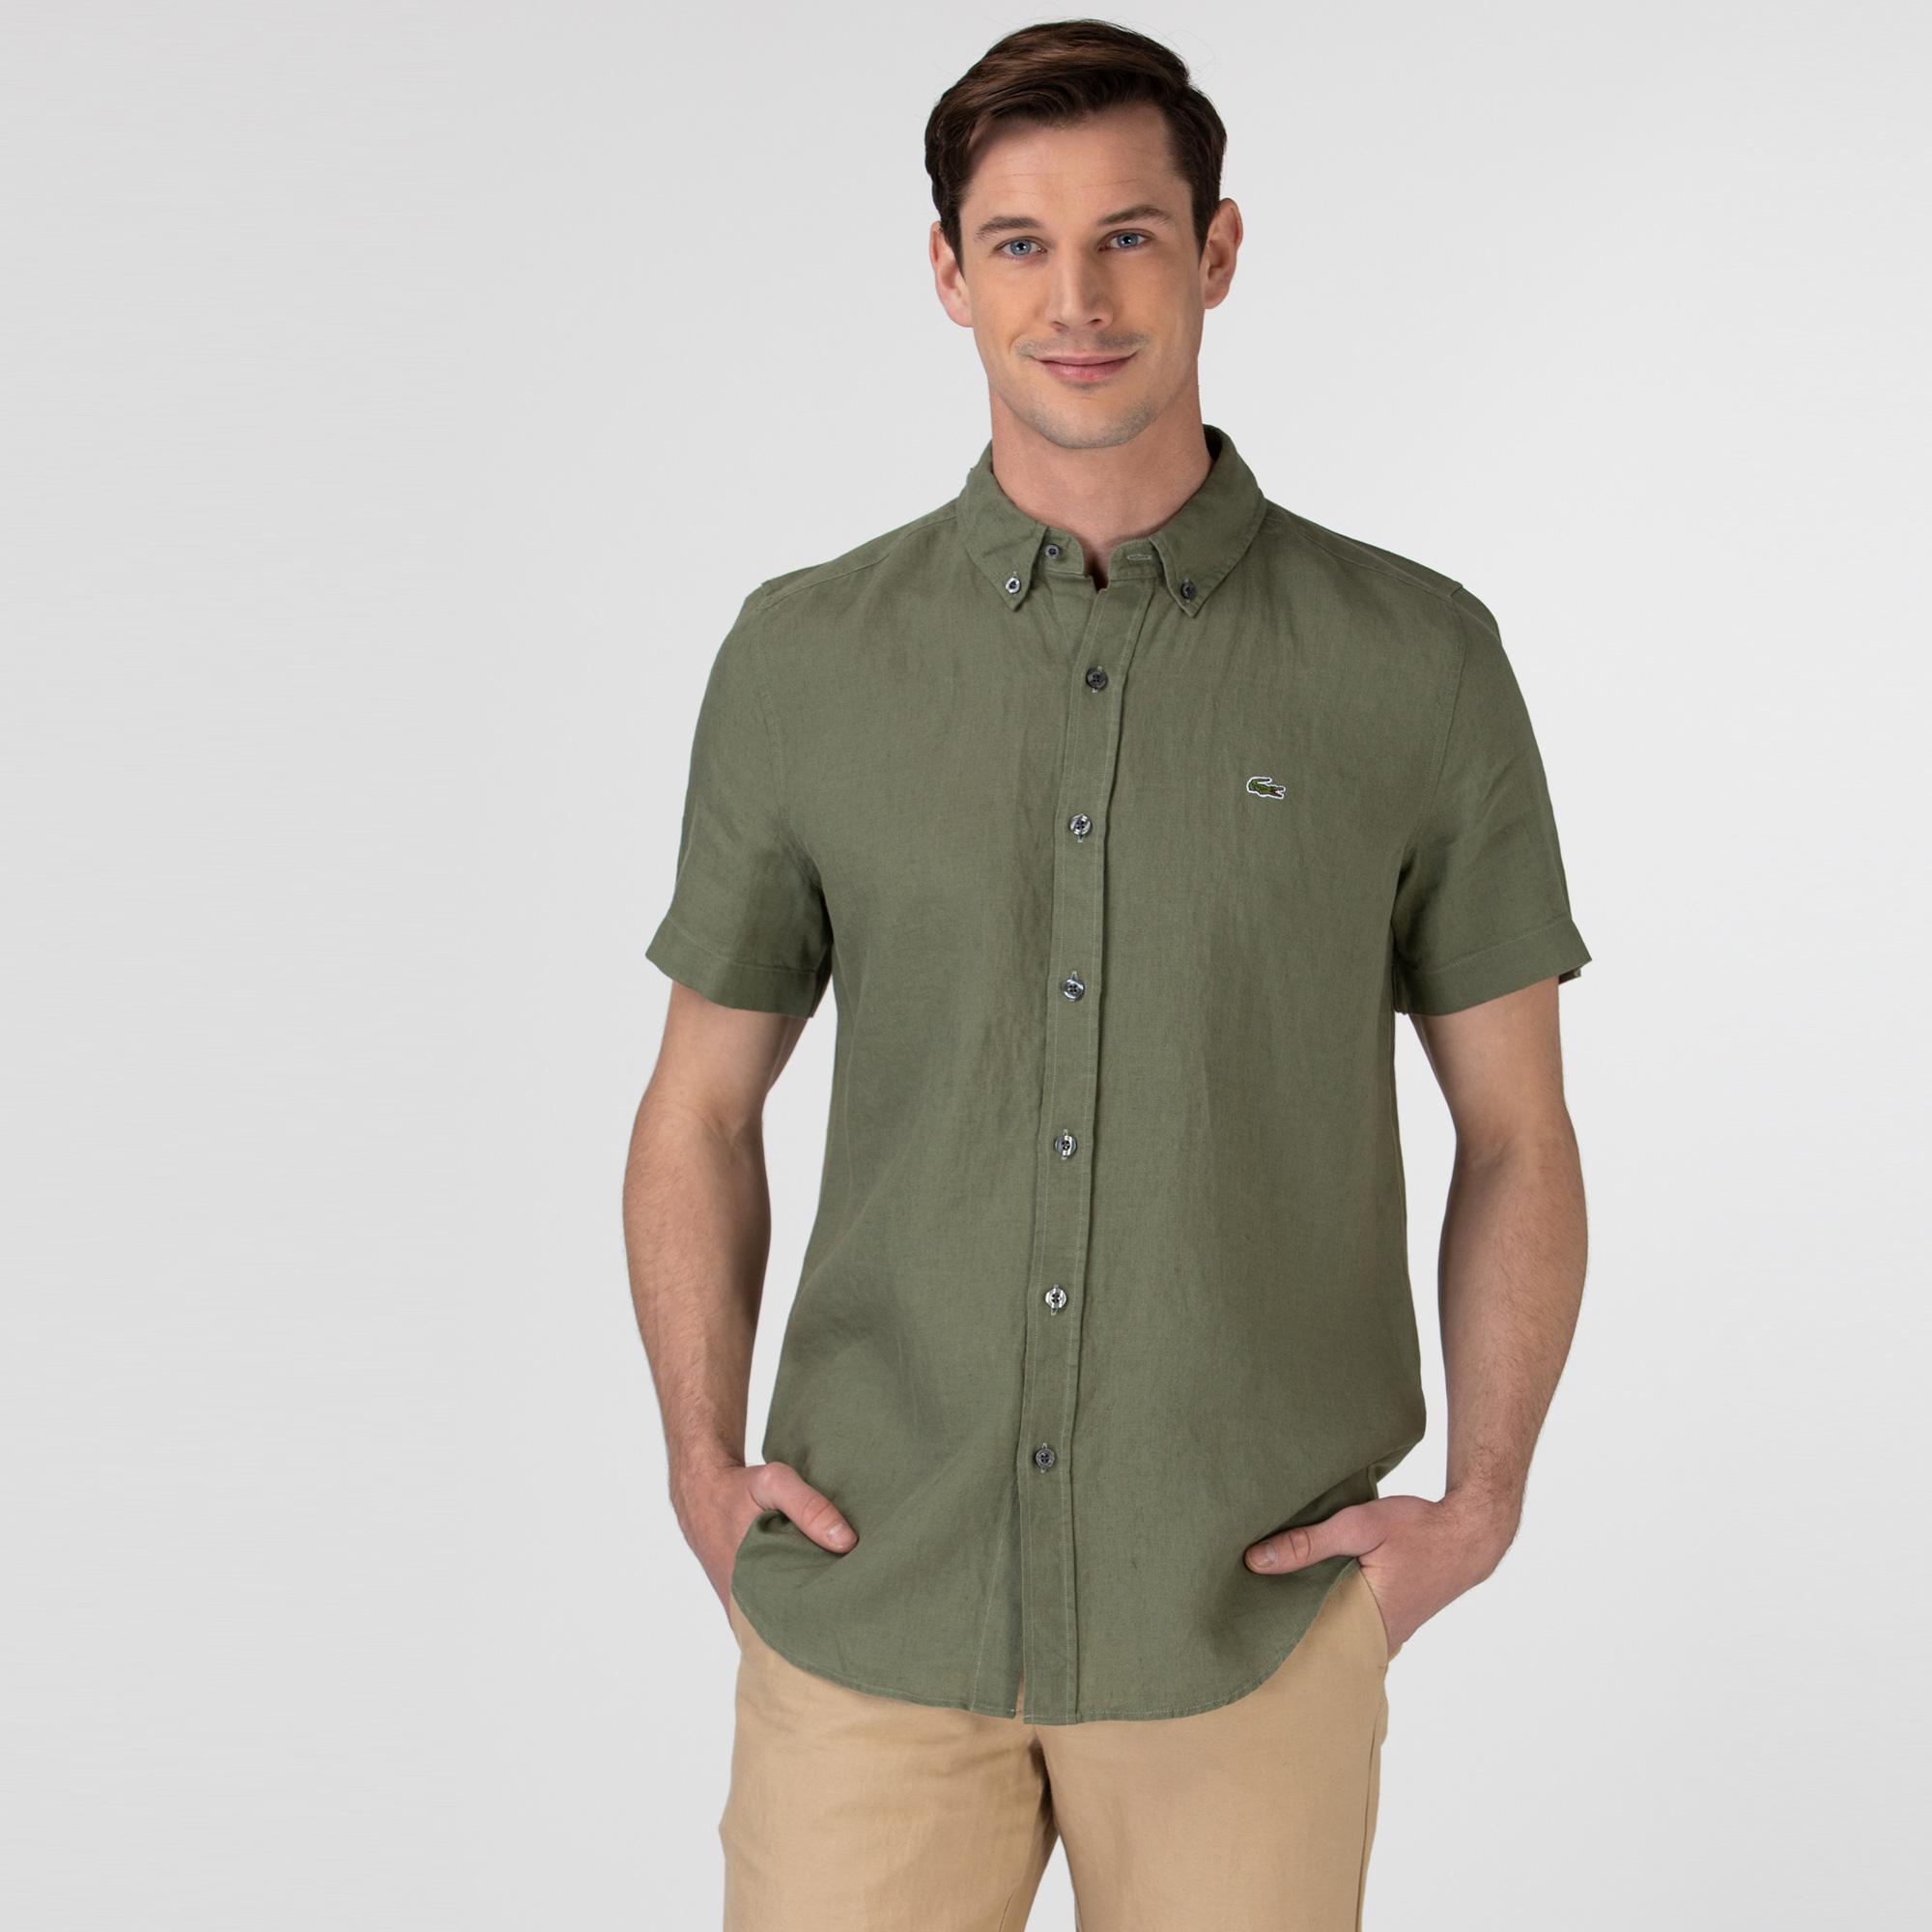 Lacoste Erkek Slim Fit Kısa Kollu Haki Gömlek